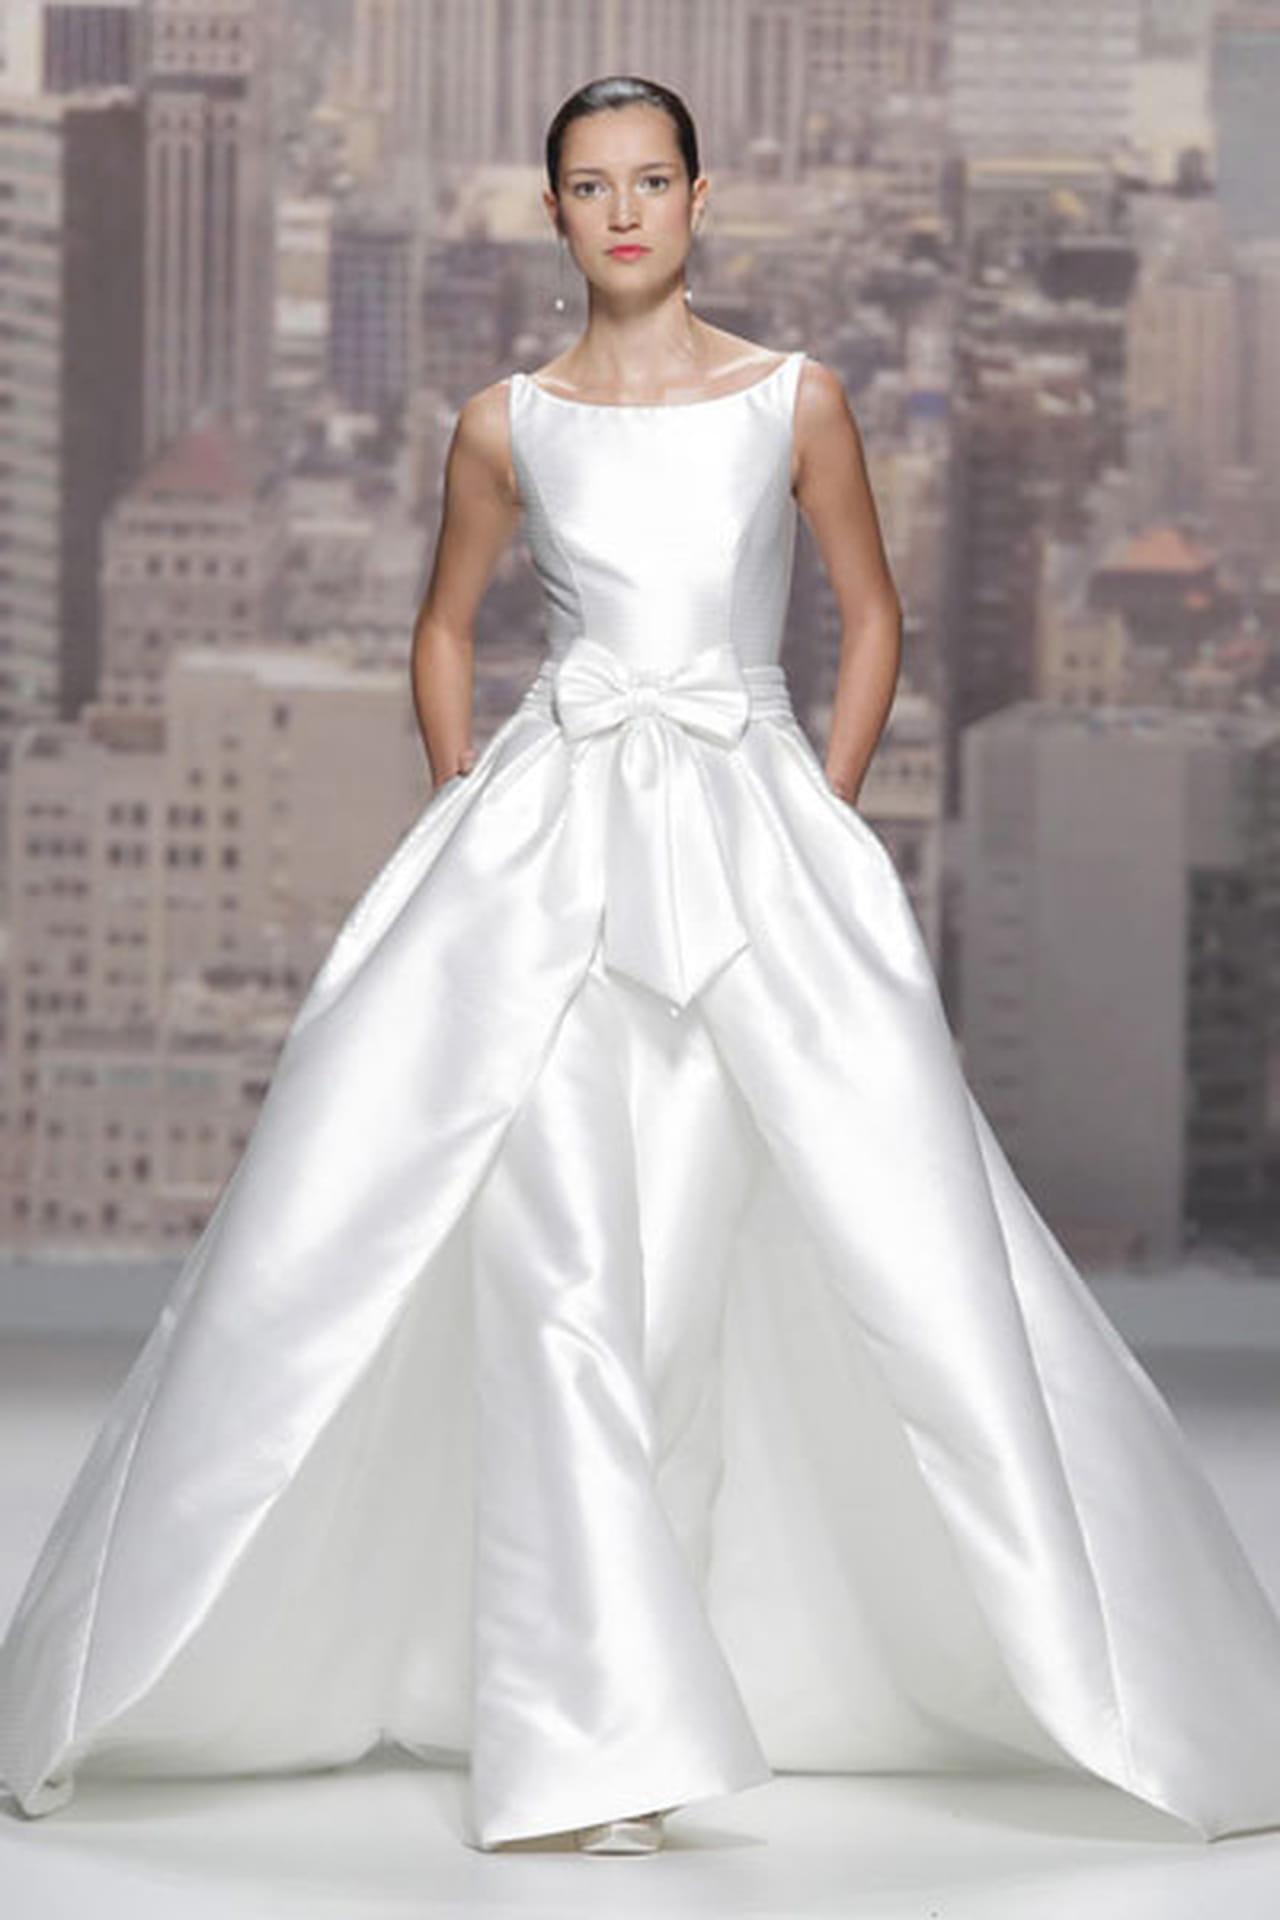 تصاميم حالمة في فساتين زفاف 820495